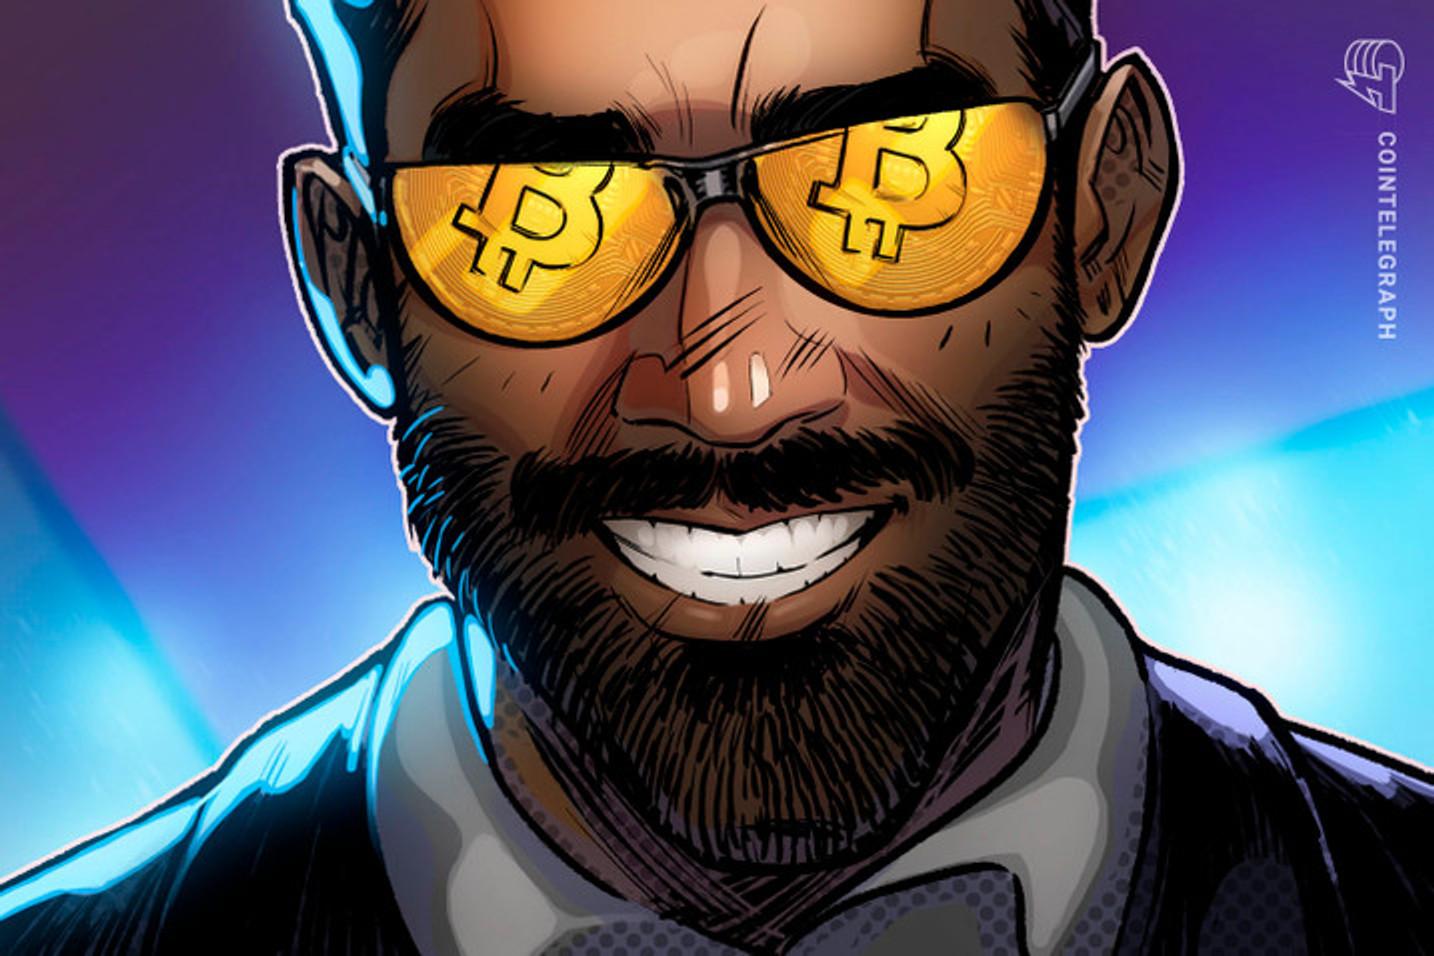 Se deu bem: Trader entra com 81 Bitcoins na brasileira NoxBitcoin e sai com 167 BTC usando alavancagem